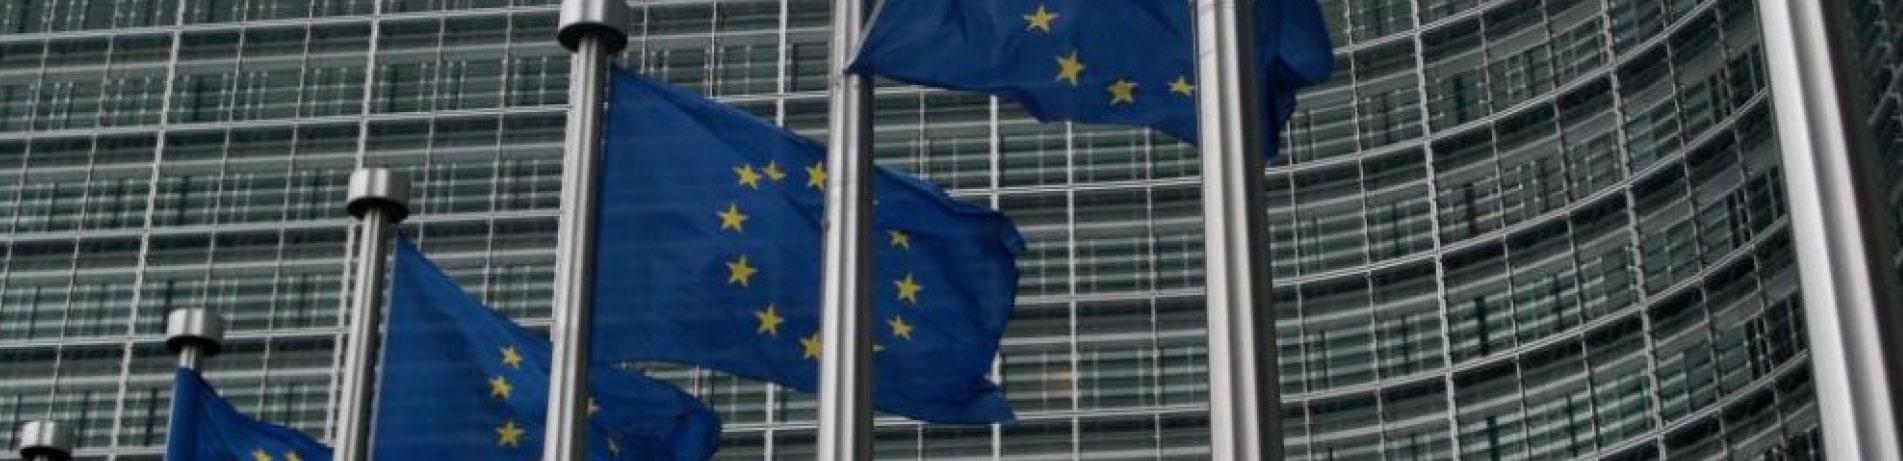 EU flags, Brussels, Belgium